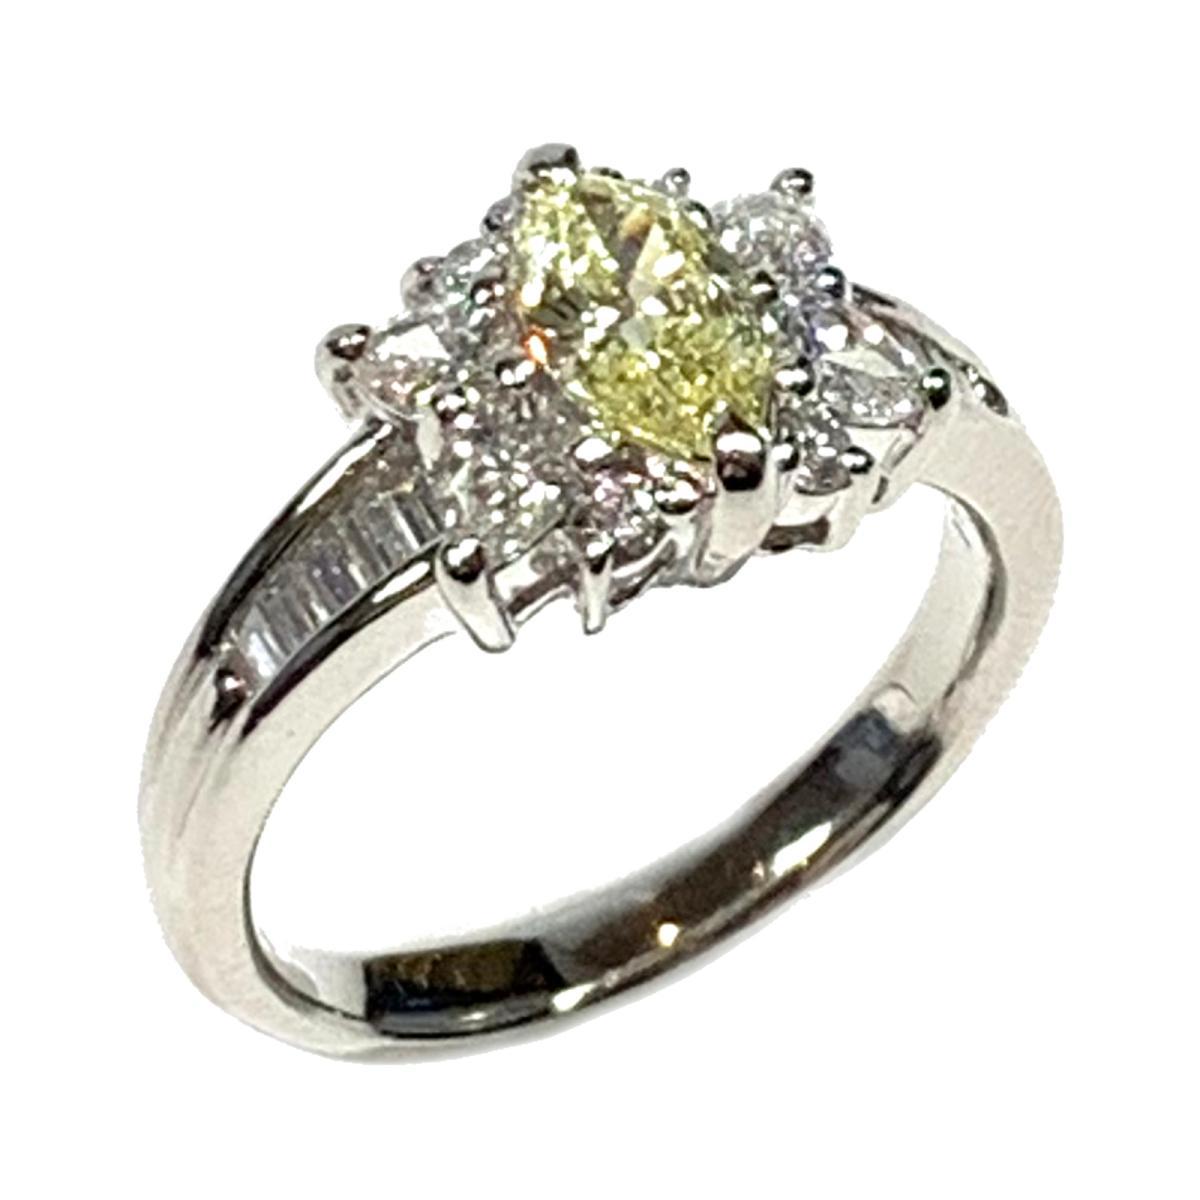 【中古】 ジュエリー ダイヤモンド リング 指輪 レディース PT900 プラチナ x シルバー イエロー | JEWELRY BRANDOFF ブランドオフ ブランド アクセサリー